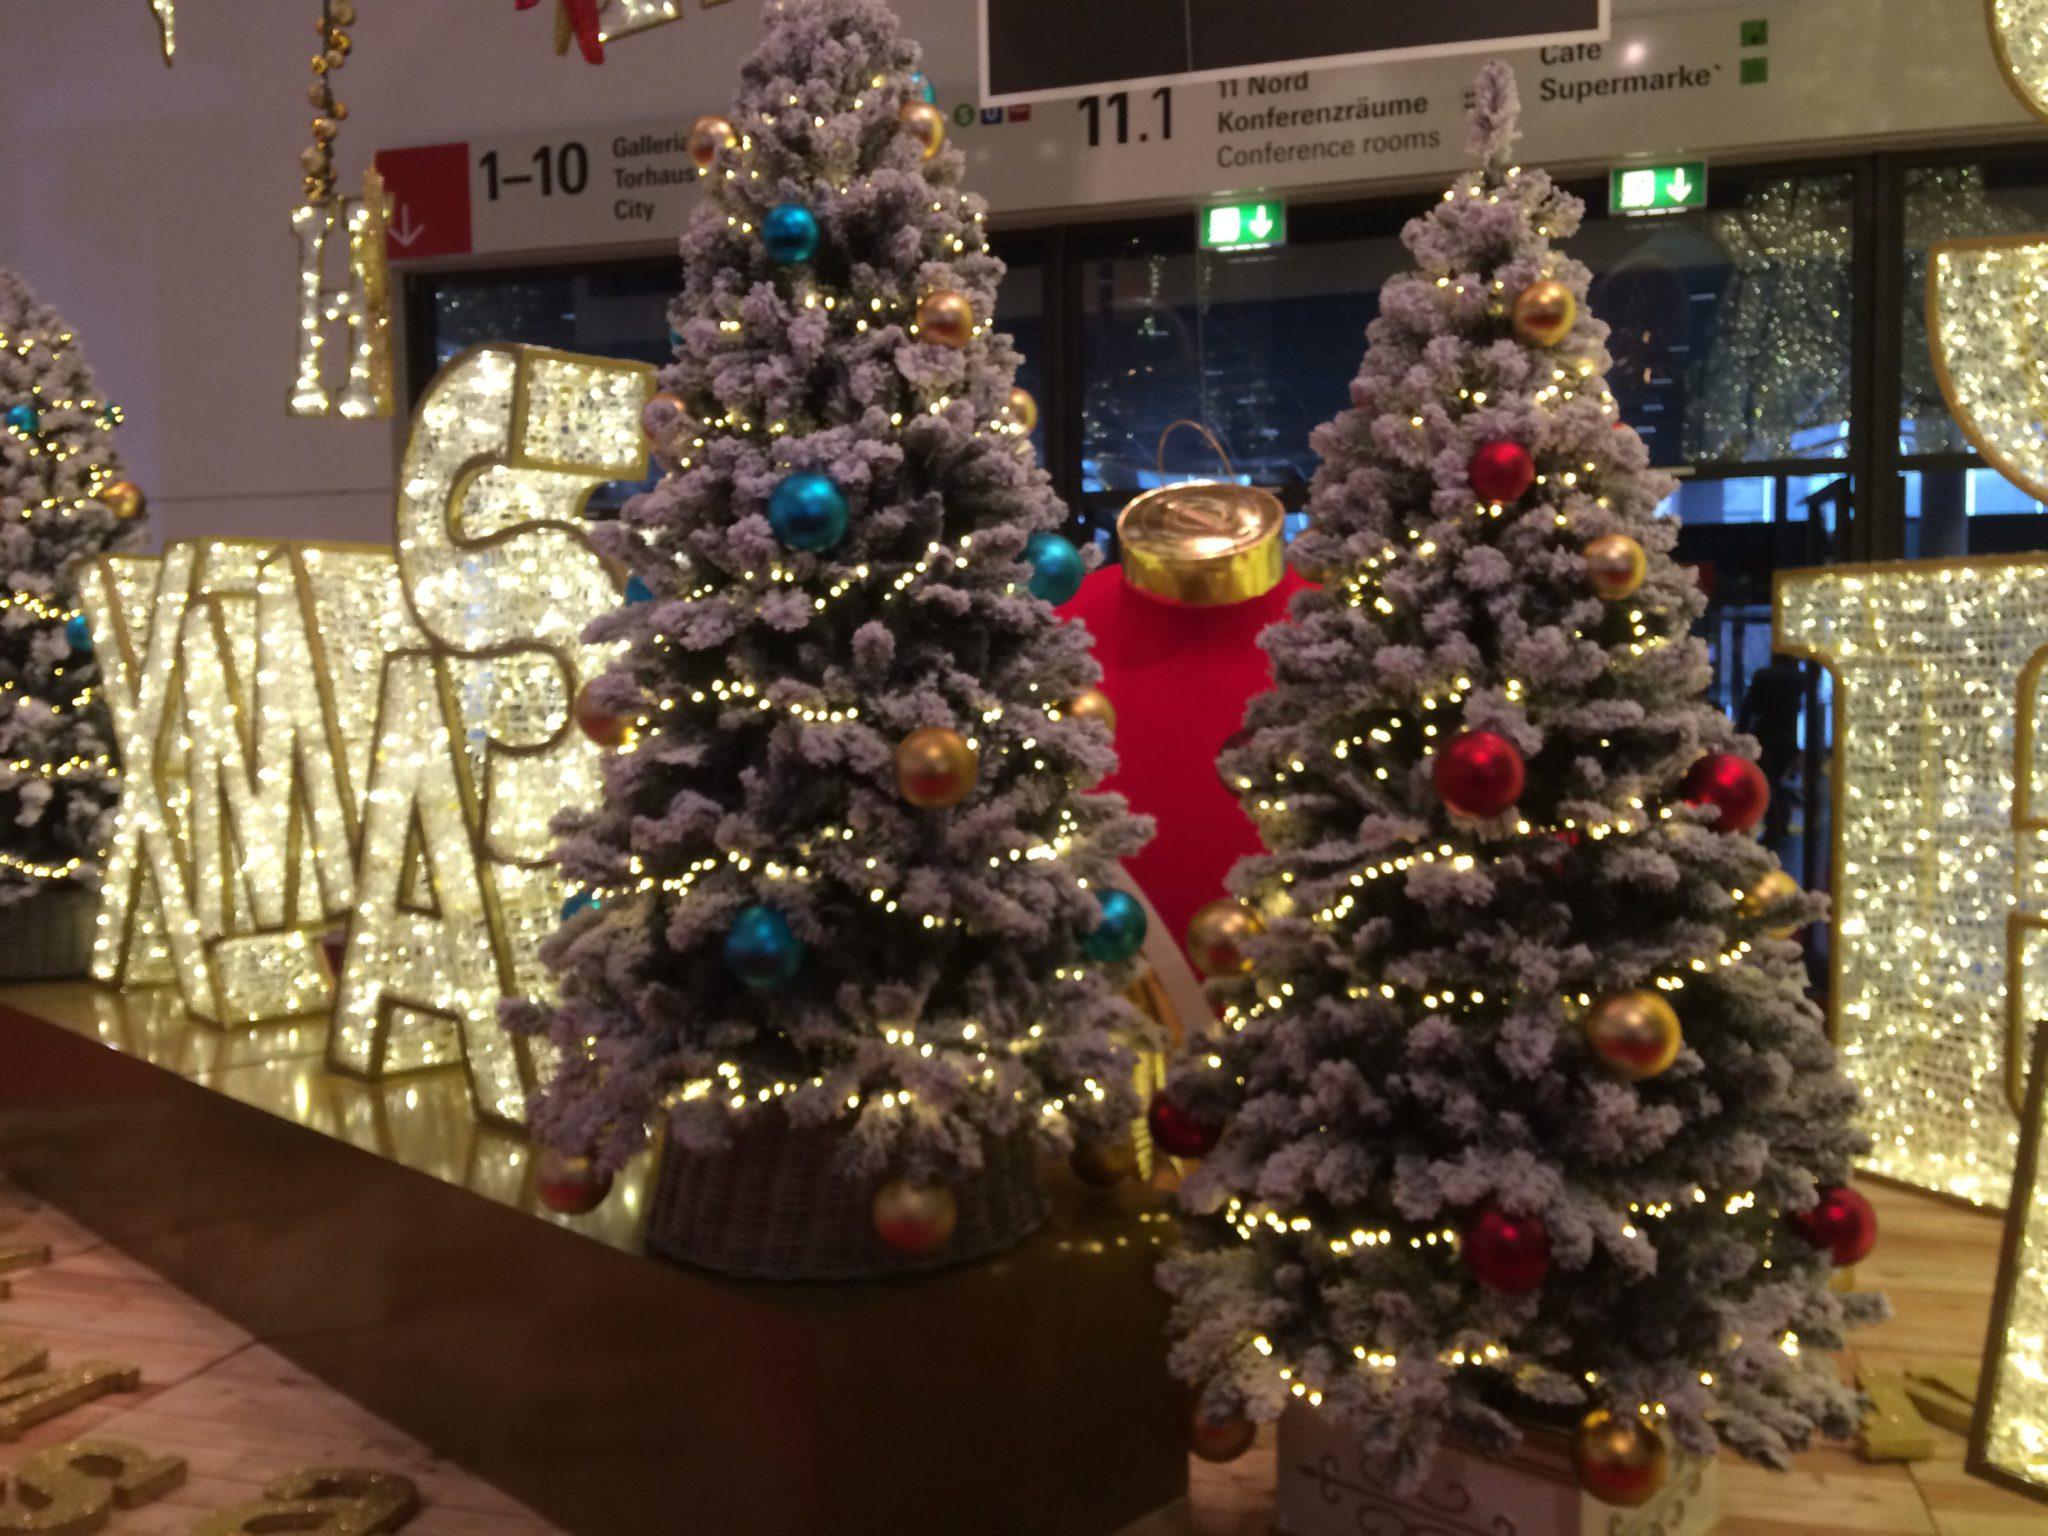 Globall-Concept-ChristmasWorld-Frankfurt-Jan1816 Globall Concept ChristmasWorld Frankfurt Jan18